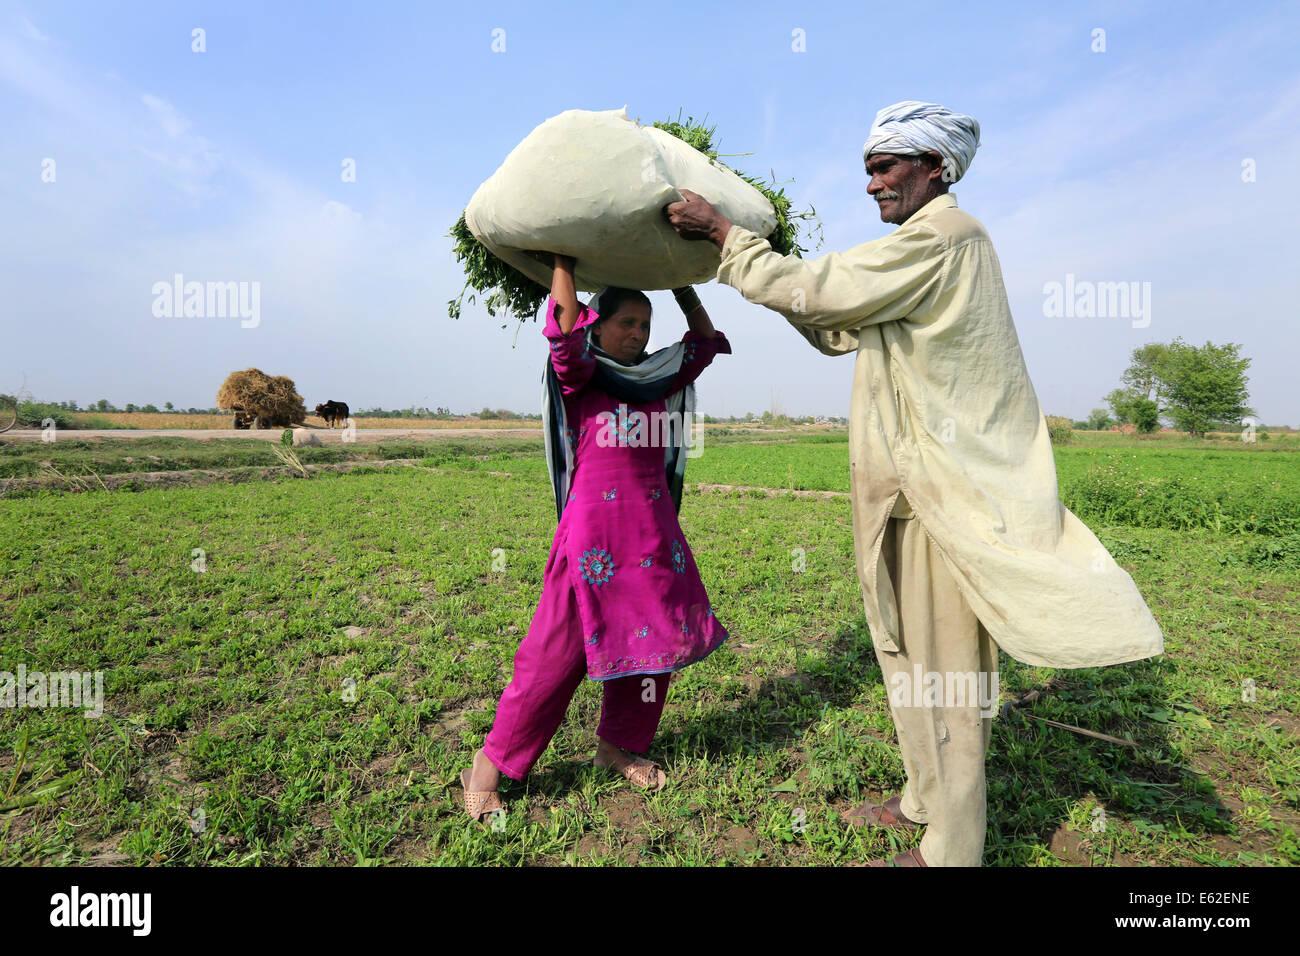 Gli agricoltori portano un sacco di trifoglio raccolto per l'alimentazione dei loro animali, vicino al villaggio Immagini Stock